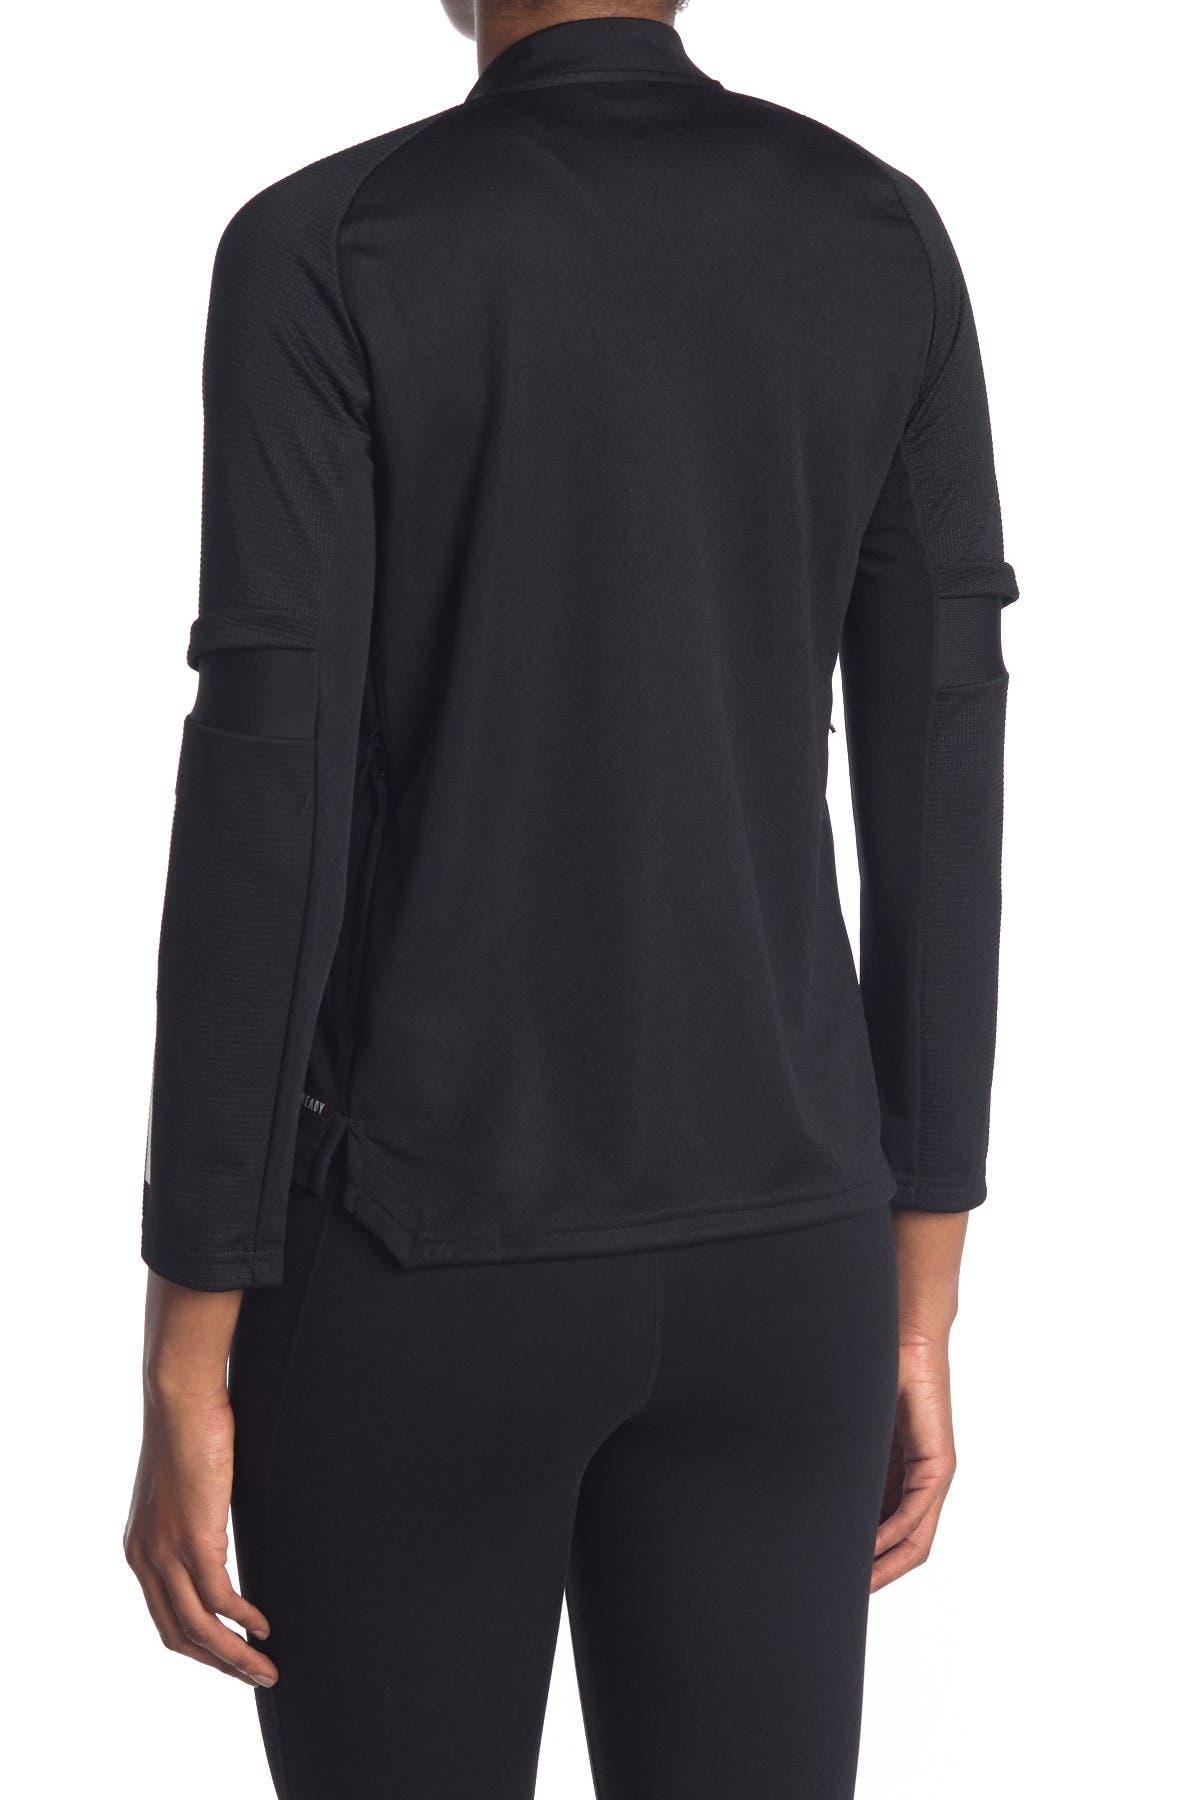 Image of ADIDAS ORIGINALS Contrast Detail Zip Front Jacket